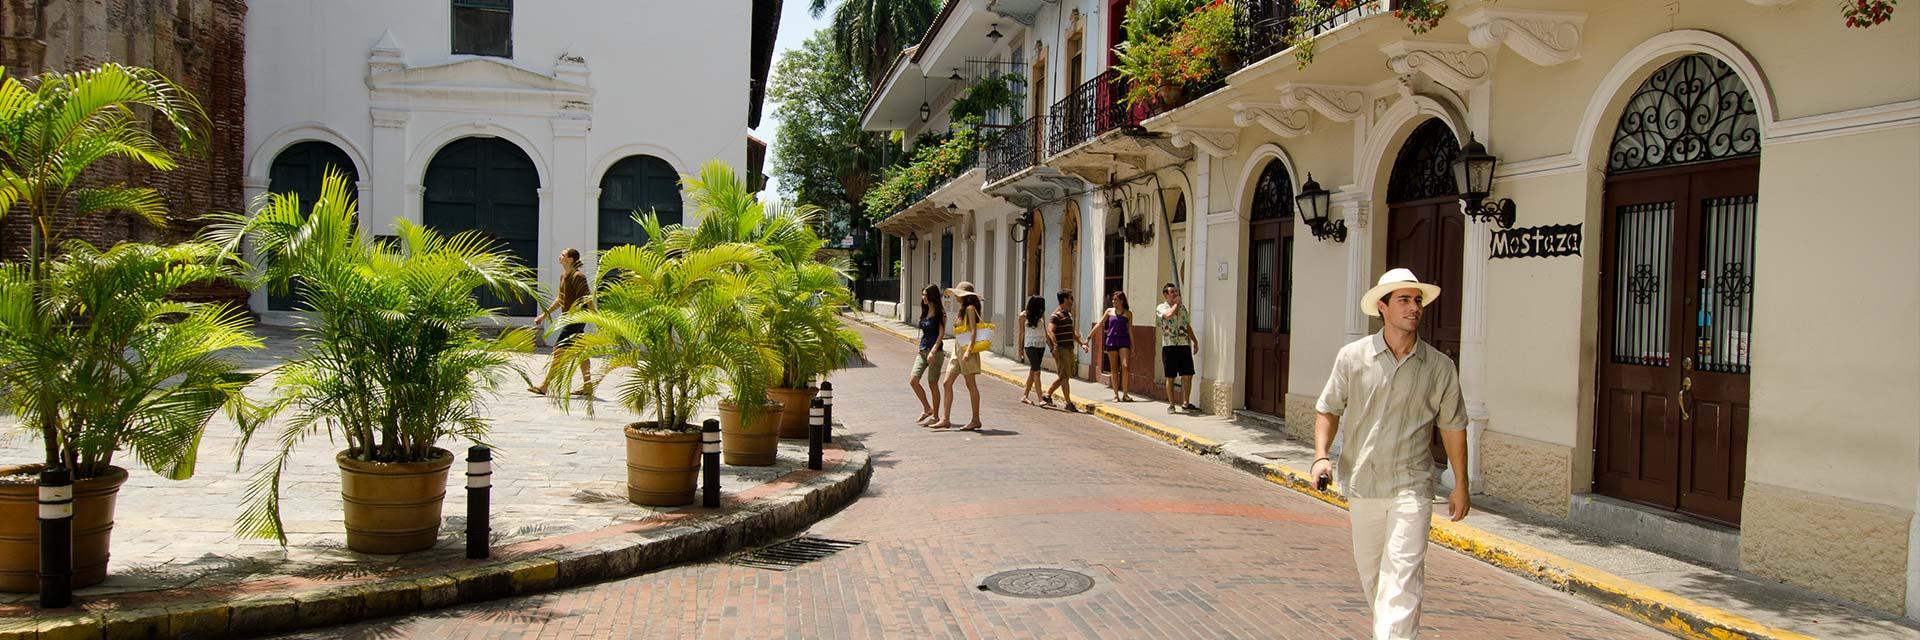 Casco viejo - Turismo - Panamá